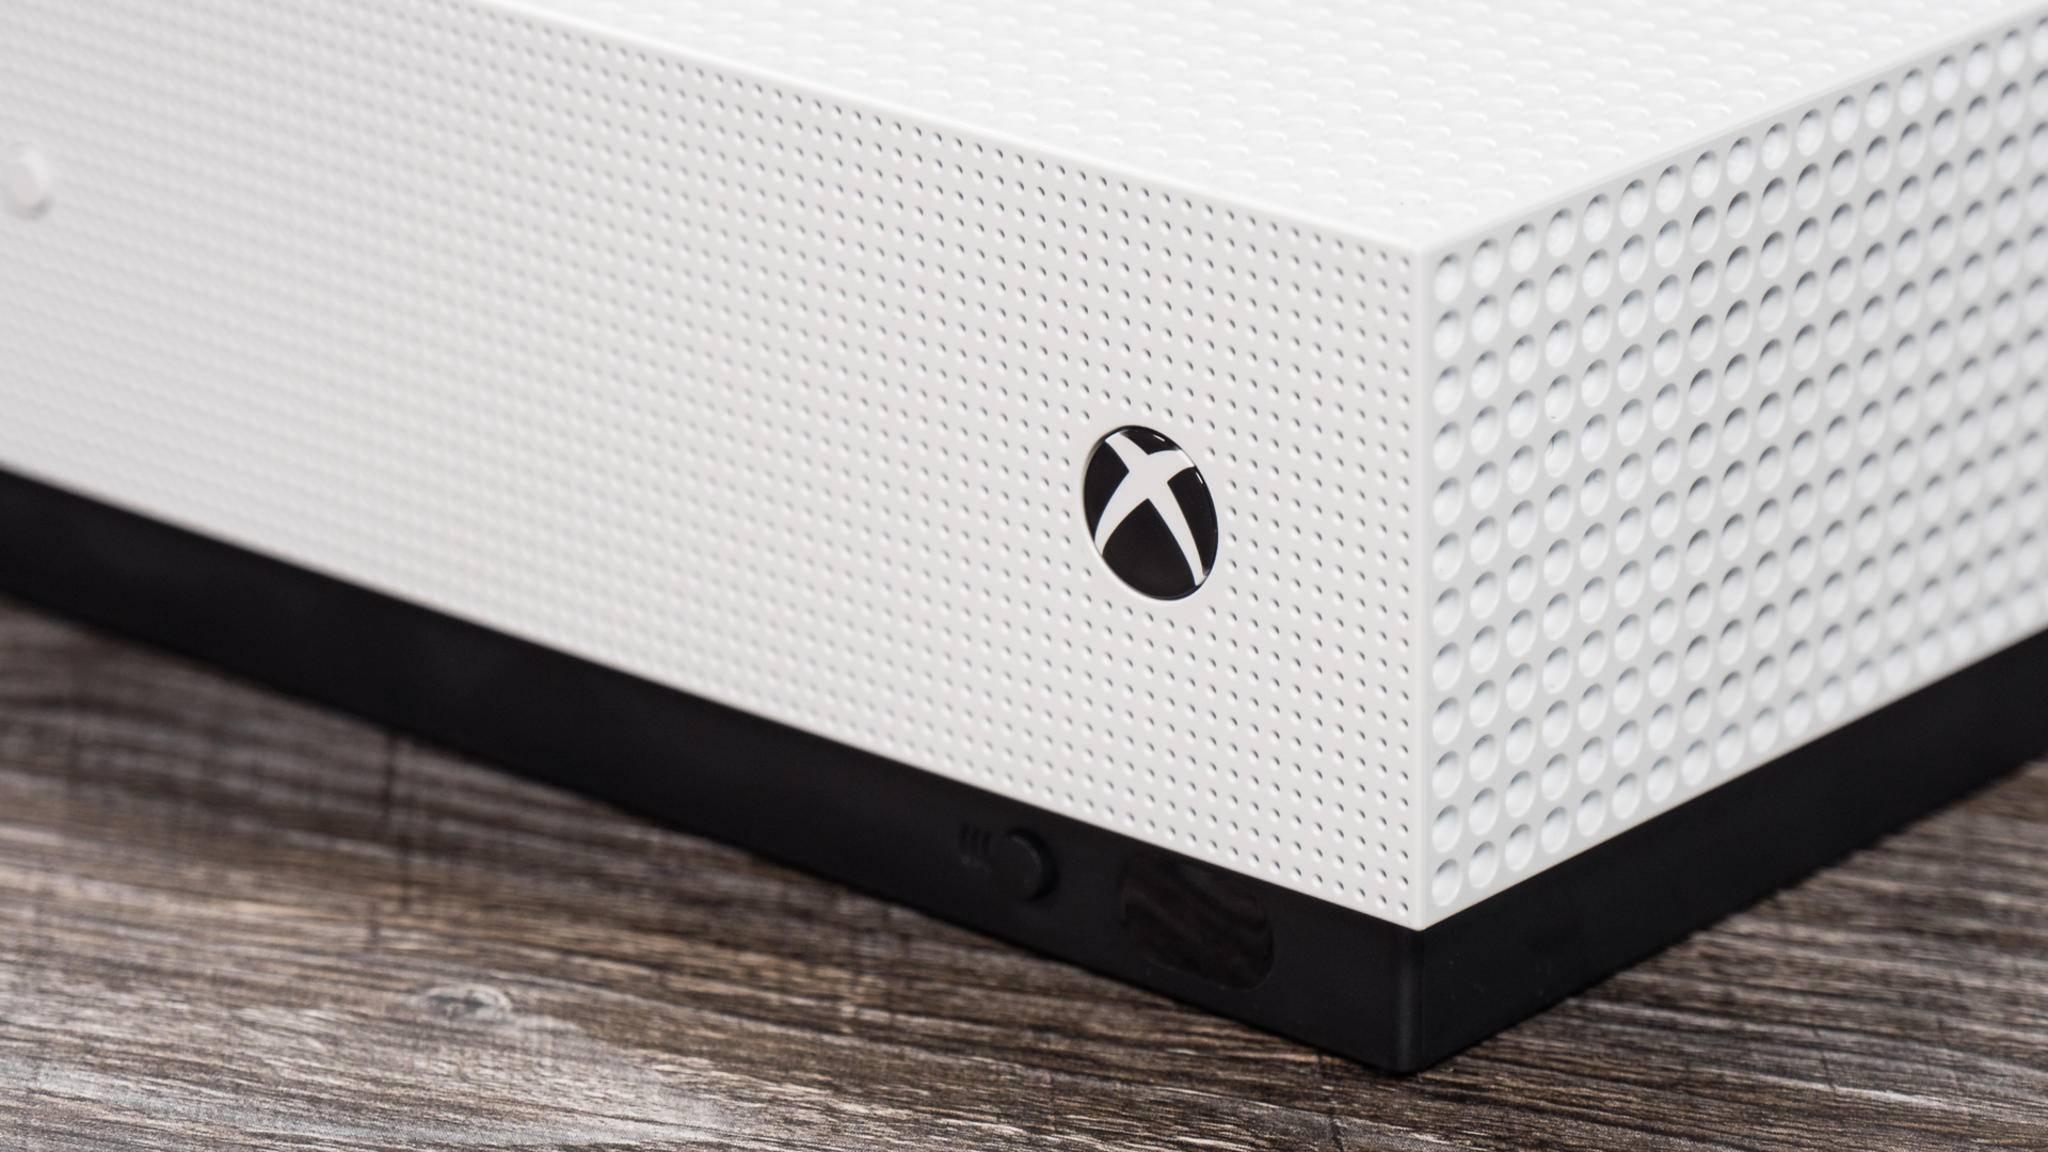 Die Xbox One S ohne Laufwerk soll sich optisch nur wenig von der Version mit Laufwerk unterscheiden.